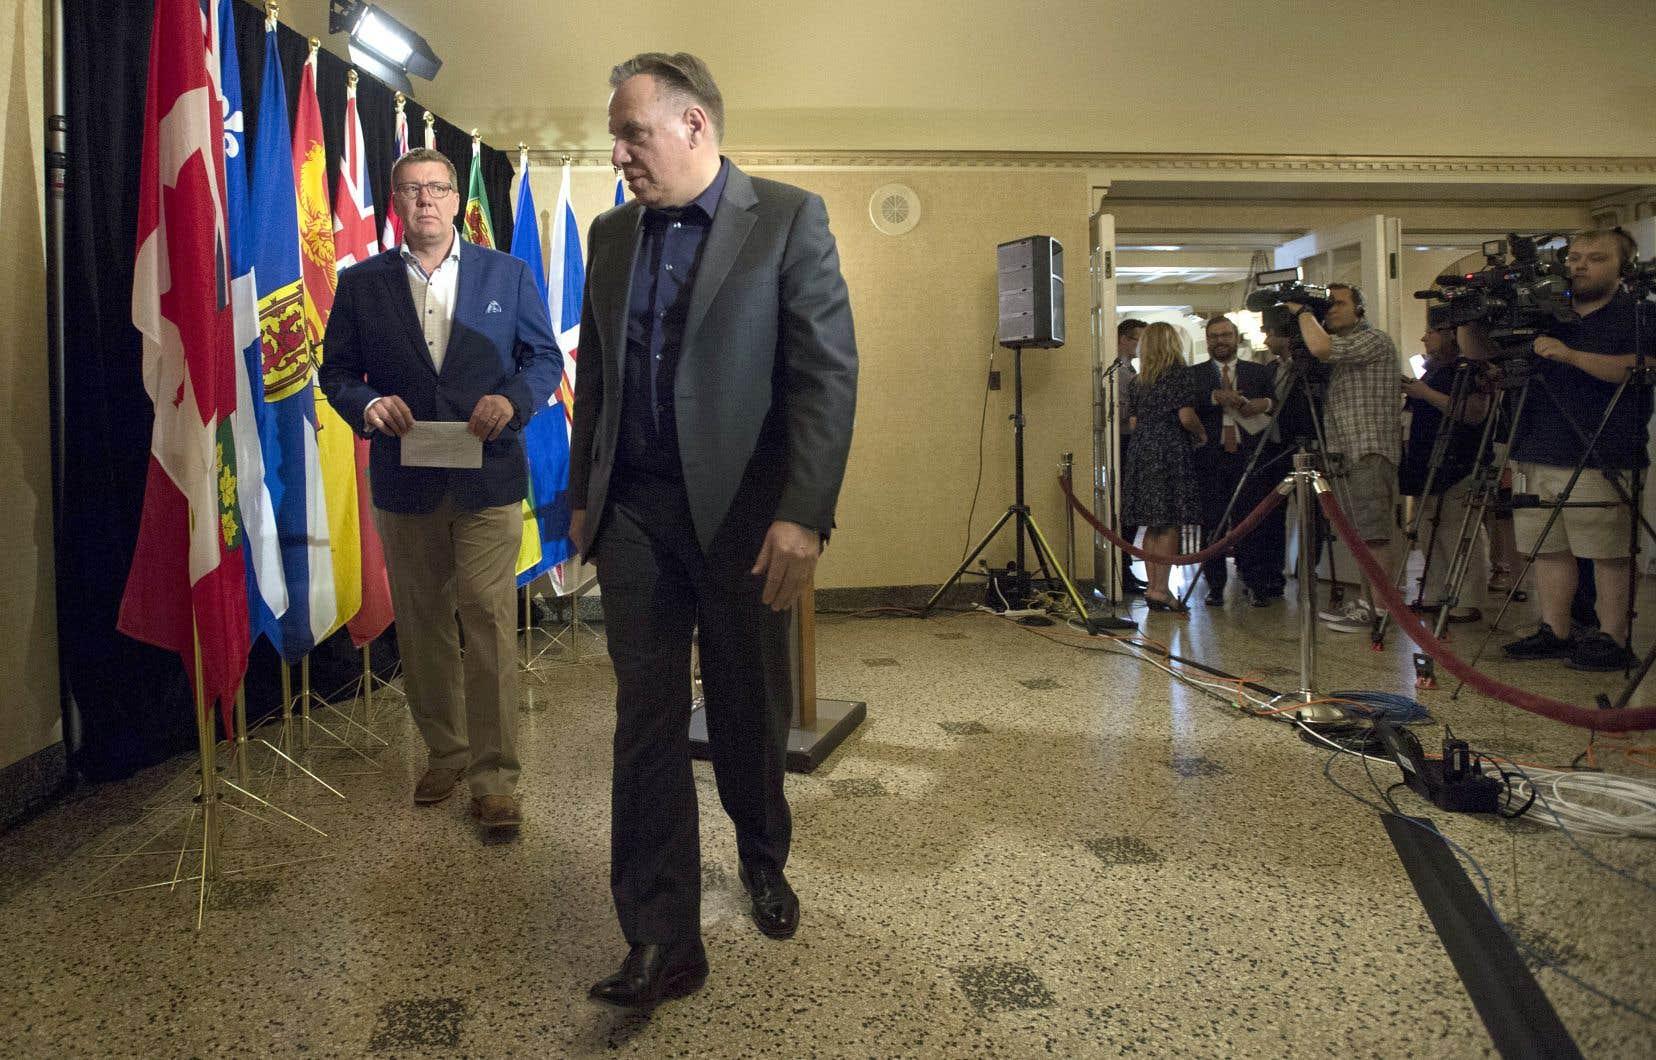 François Legault quitte la salle après s'être adressé à la presse avec le premier ministre de la Saskatchewan, Scott Moe.